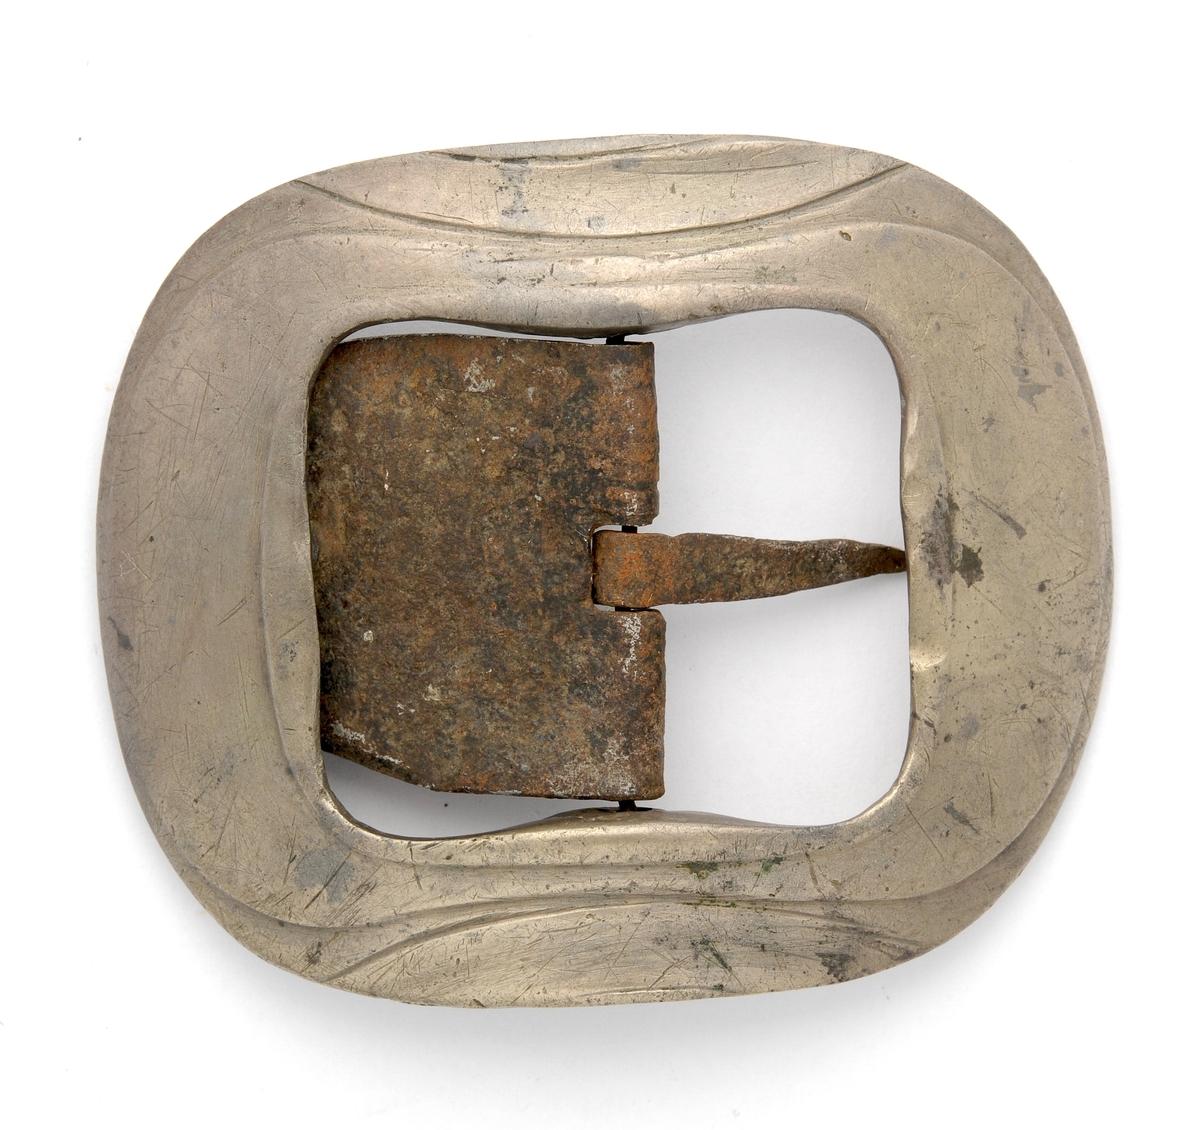 """Skospenne støypt i messing. Tilnærma rektangulær form med avrunda hjørner. Bøygd. Stolpe, kalv og tann smidd i jern. Kalven har ein """"stoppeknapp""""som er nagla på."""